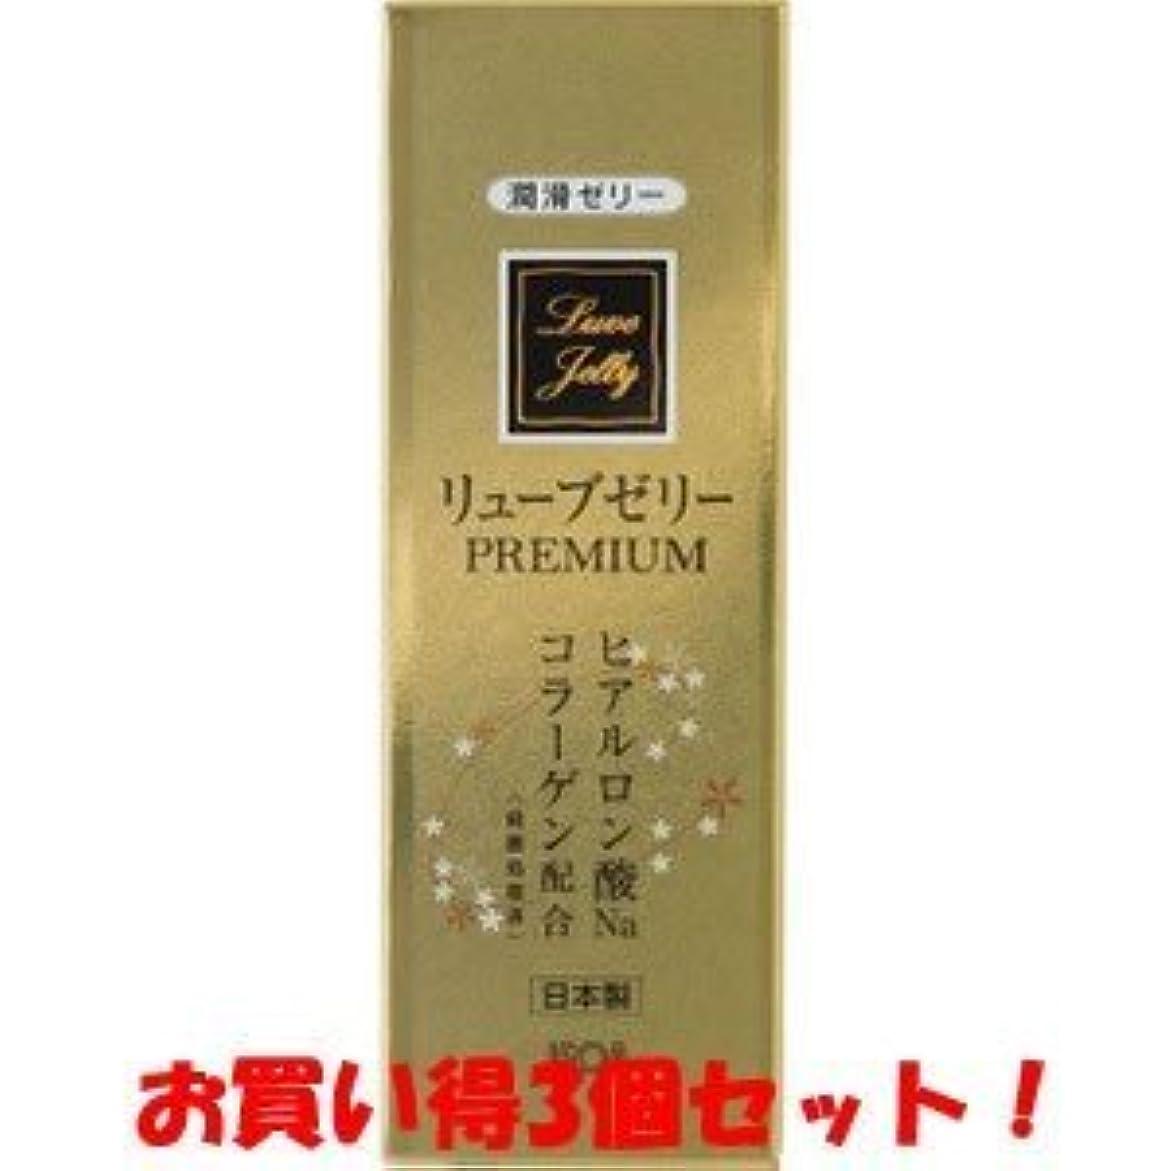 クリーム狐塩辛い(ジェクス)リューブゼリー プレミアム PREMIUM 55g(お買い得3個セット)